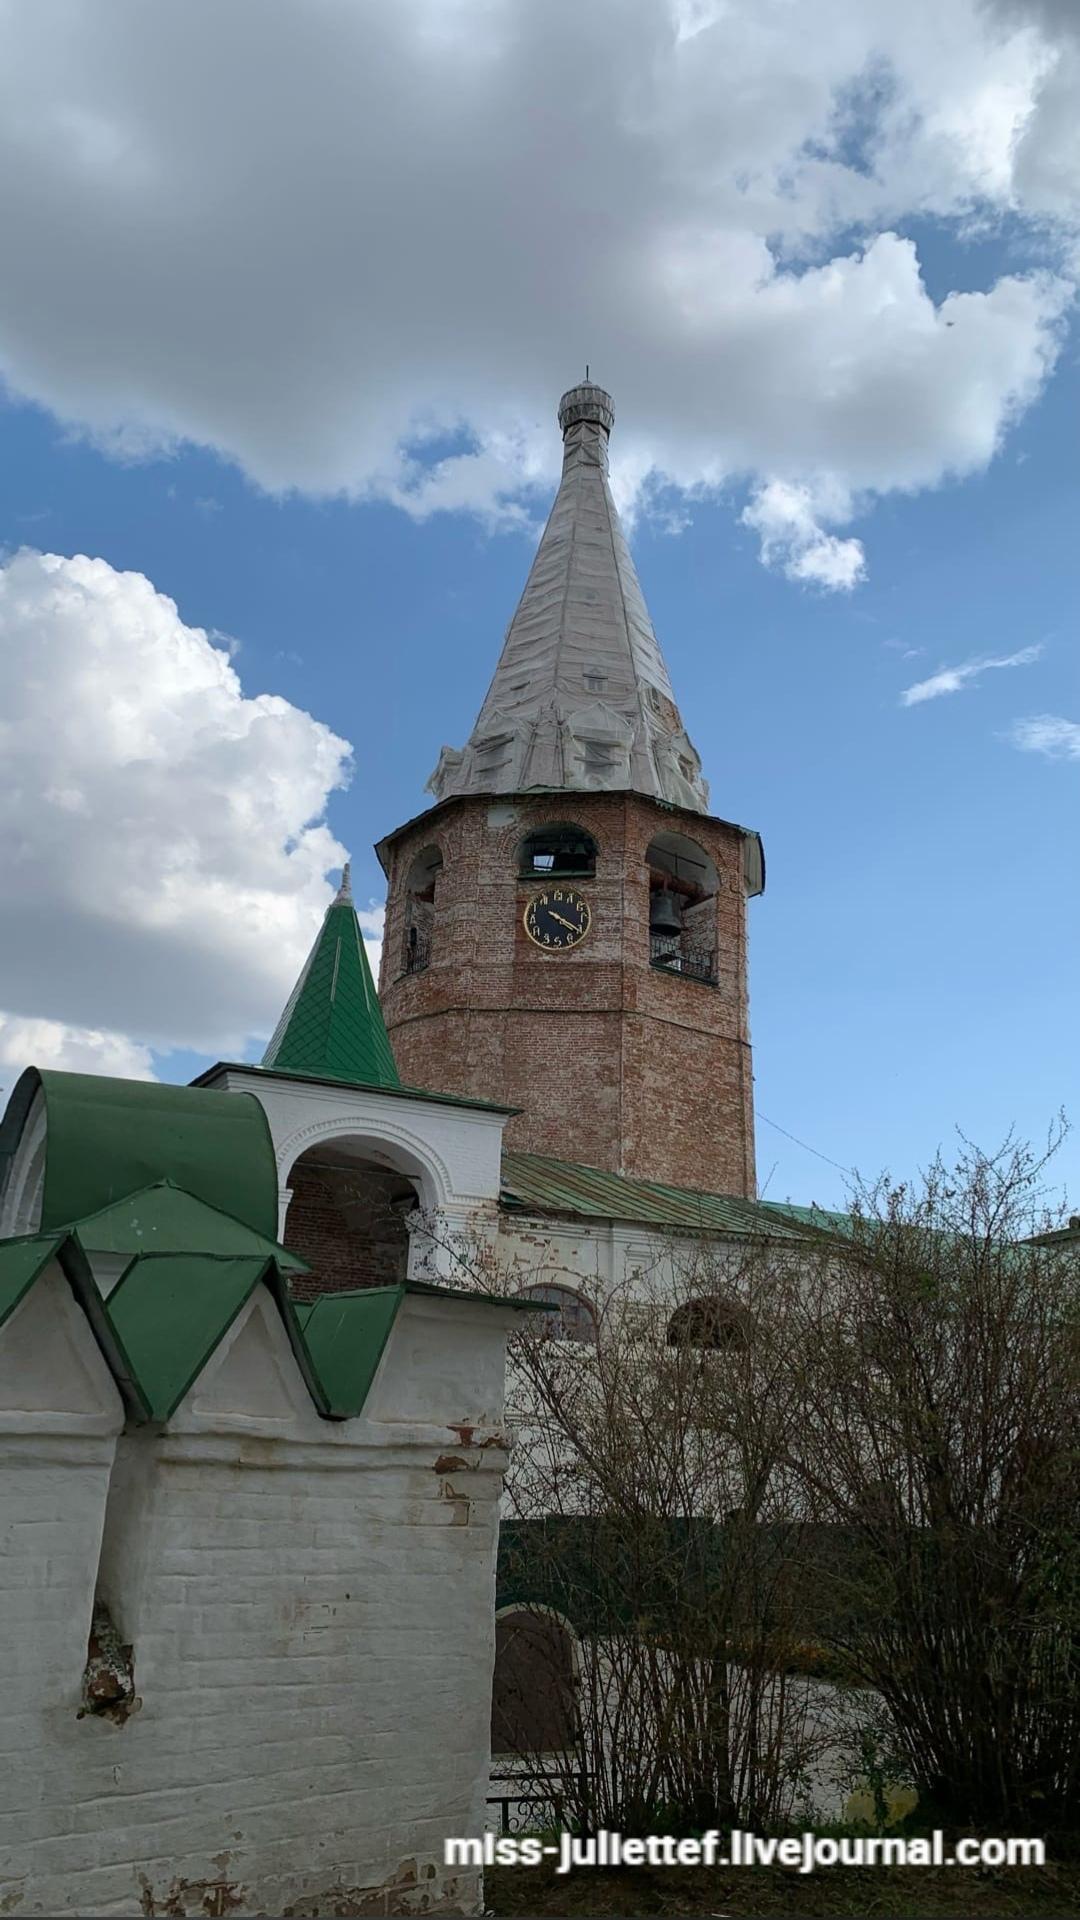 Великолепная часовая башня в Кремле.